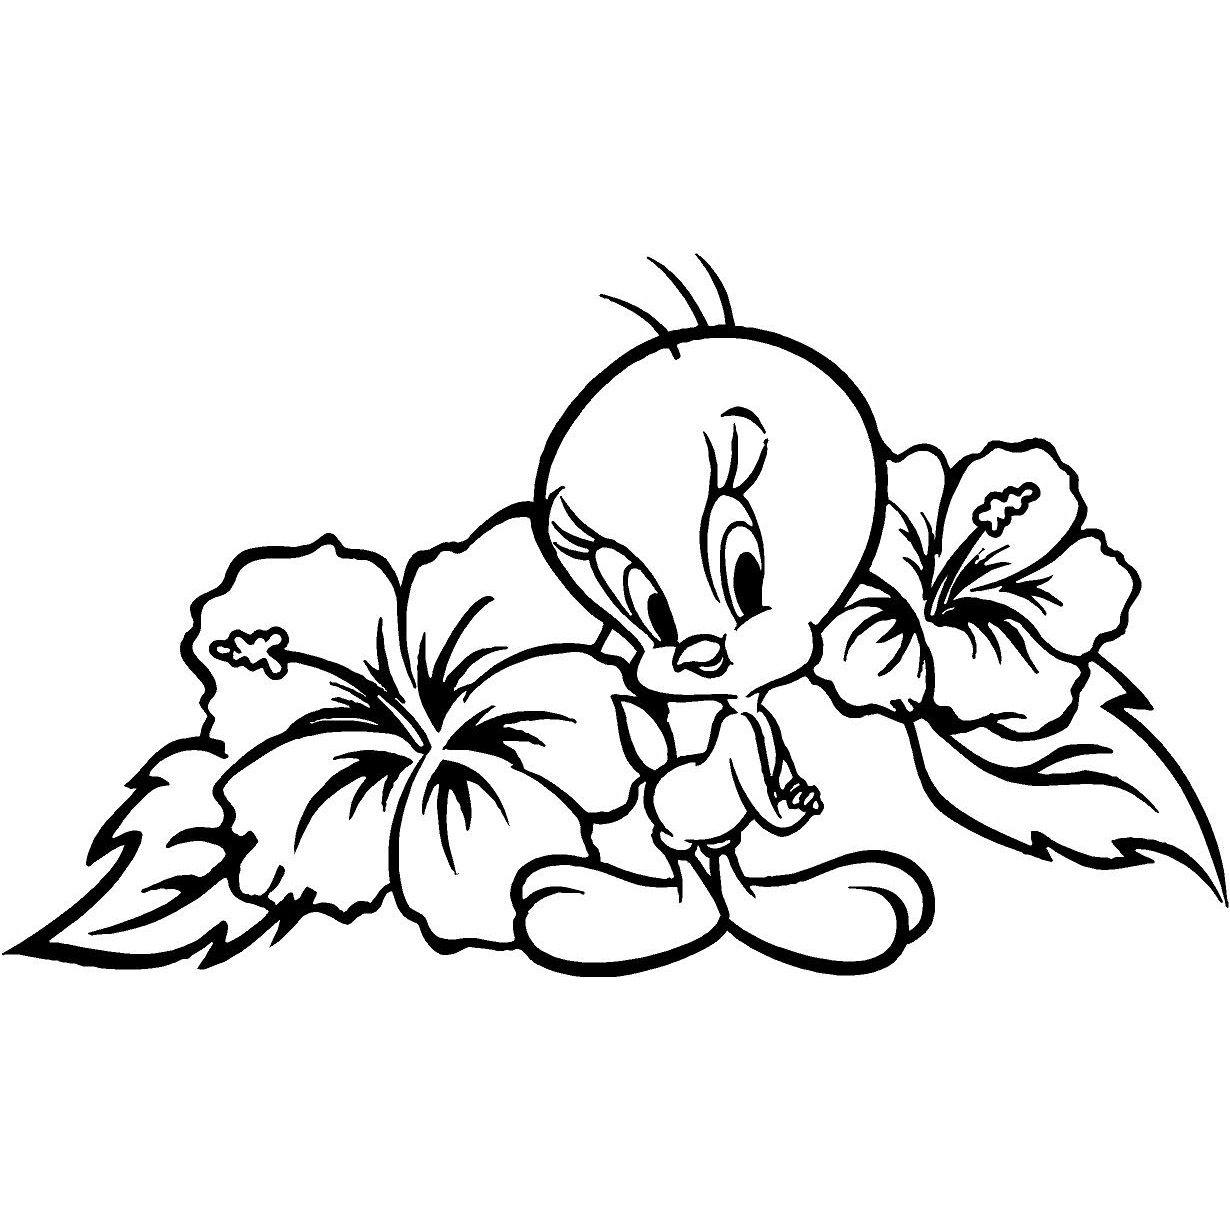 imagenes de flores grandes para imprimir y pintar | Parchment Craft ...